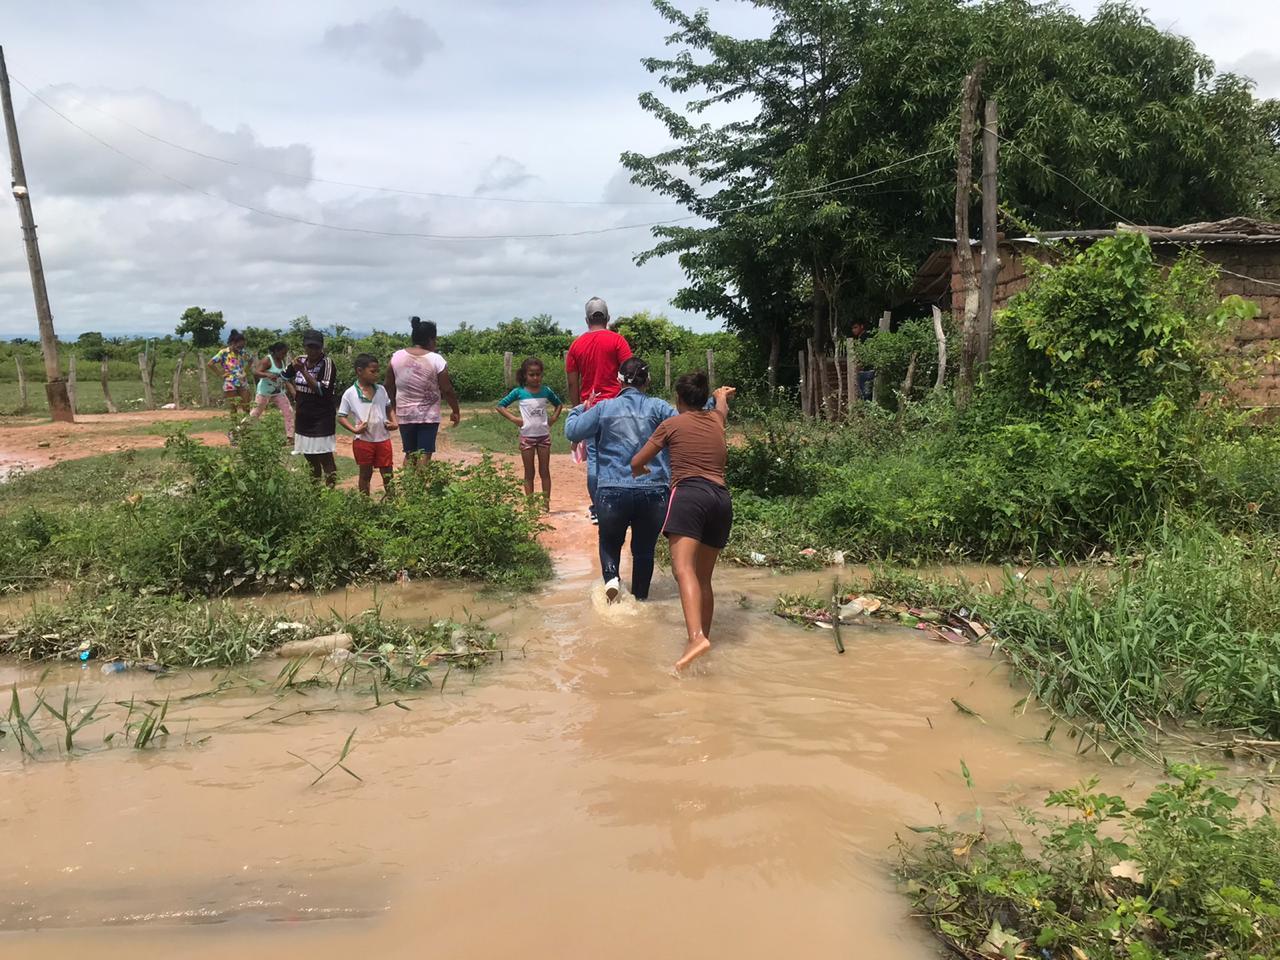 A través del Decreto 144 del 26 de julio del 2020, el municipio de Chiriguaná declaró alerta roja y calamidad pública ante la intensidad de las lluvias y los estragos en la población. Cortesía/EL PILÓN